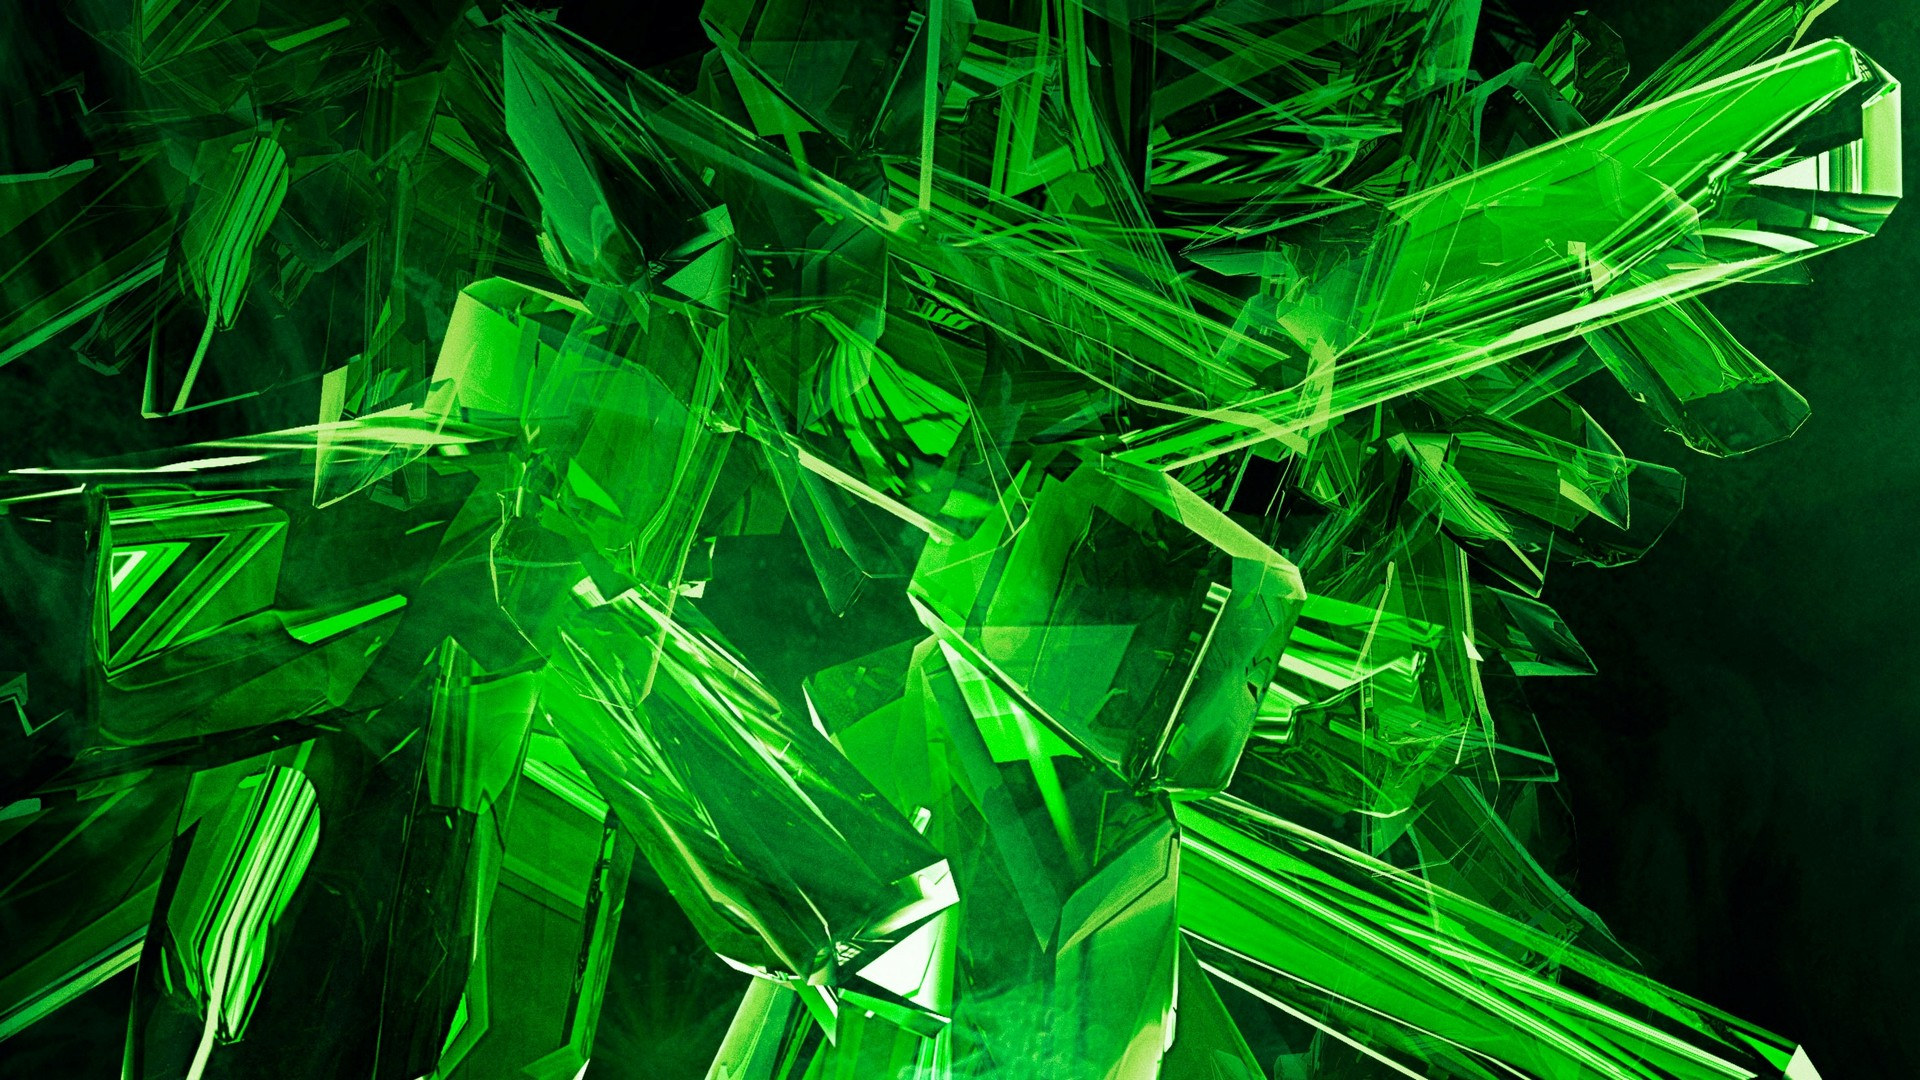 Desktop Wallpaper Neon Green